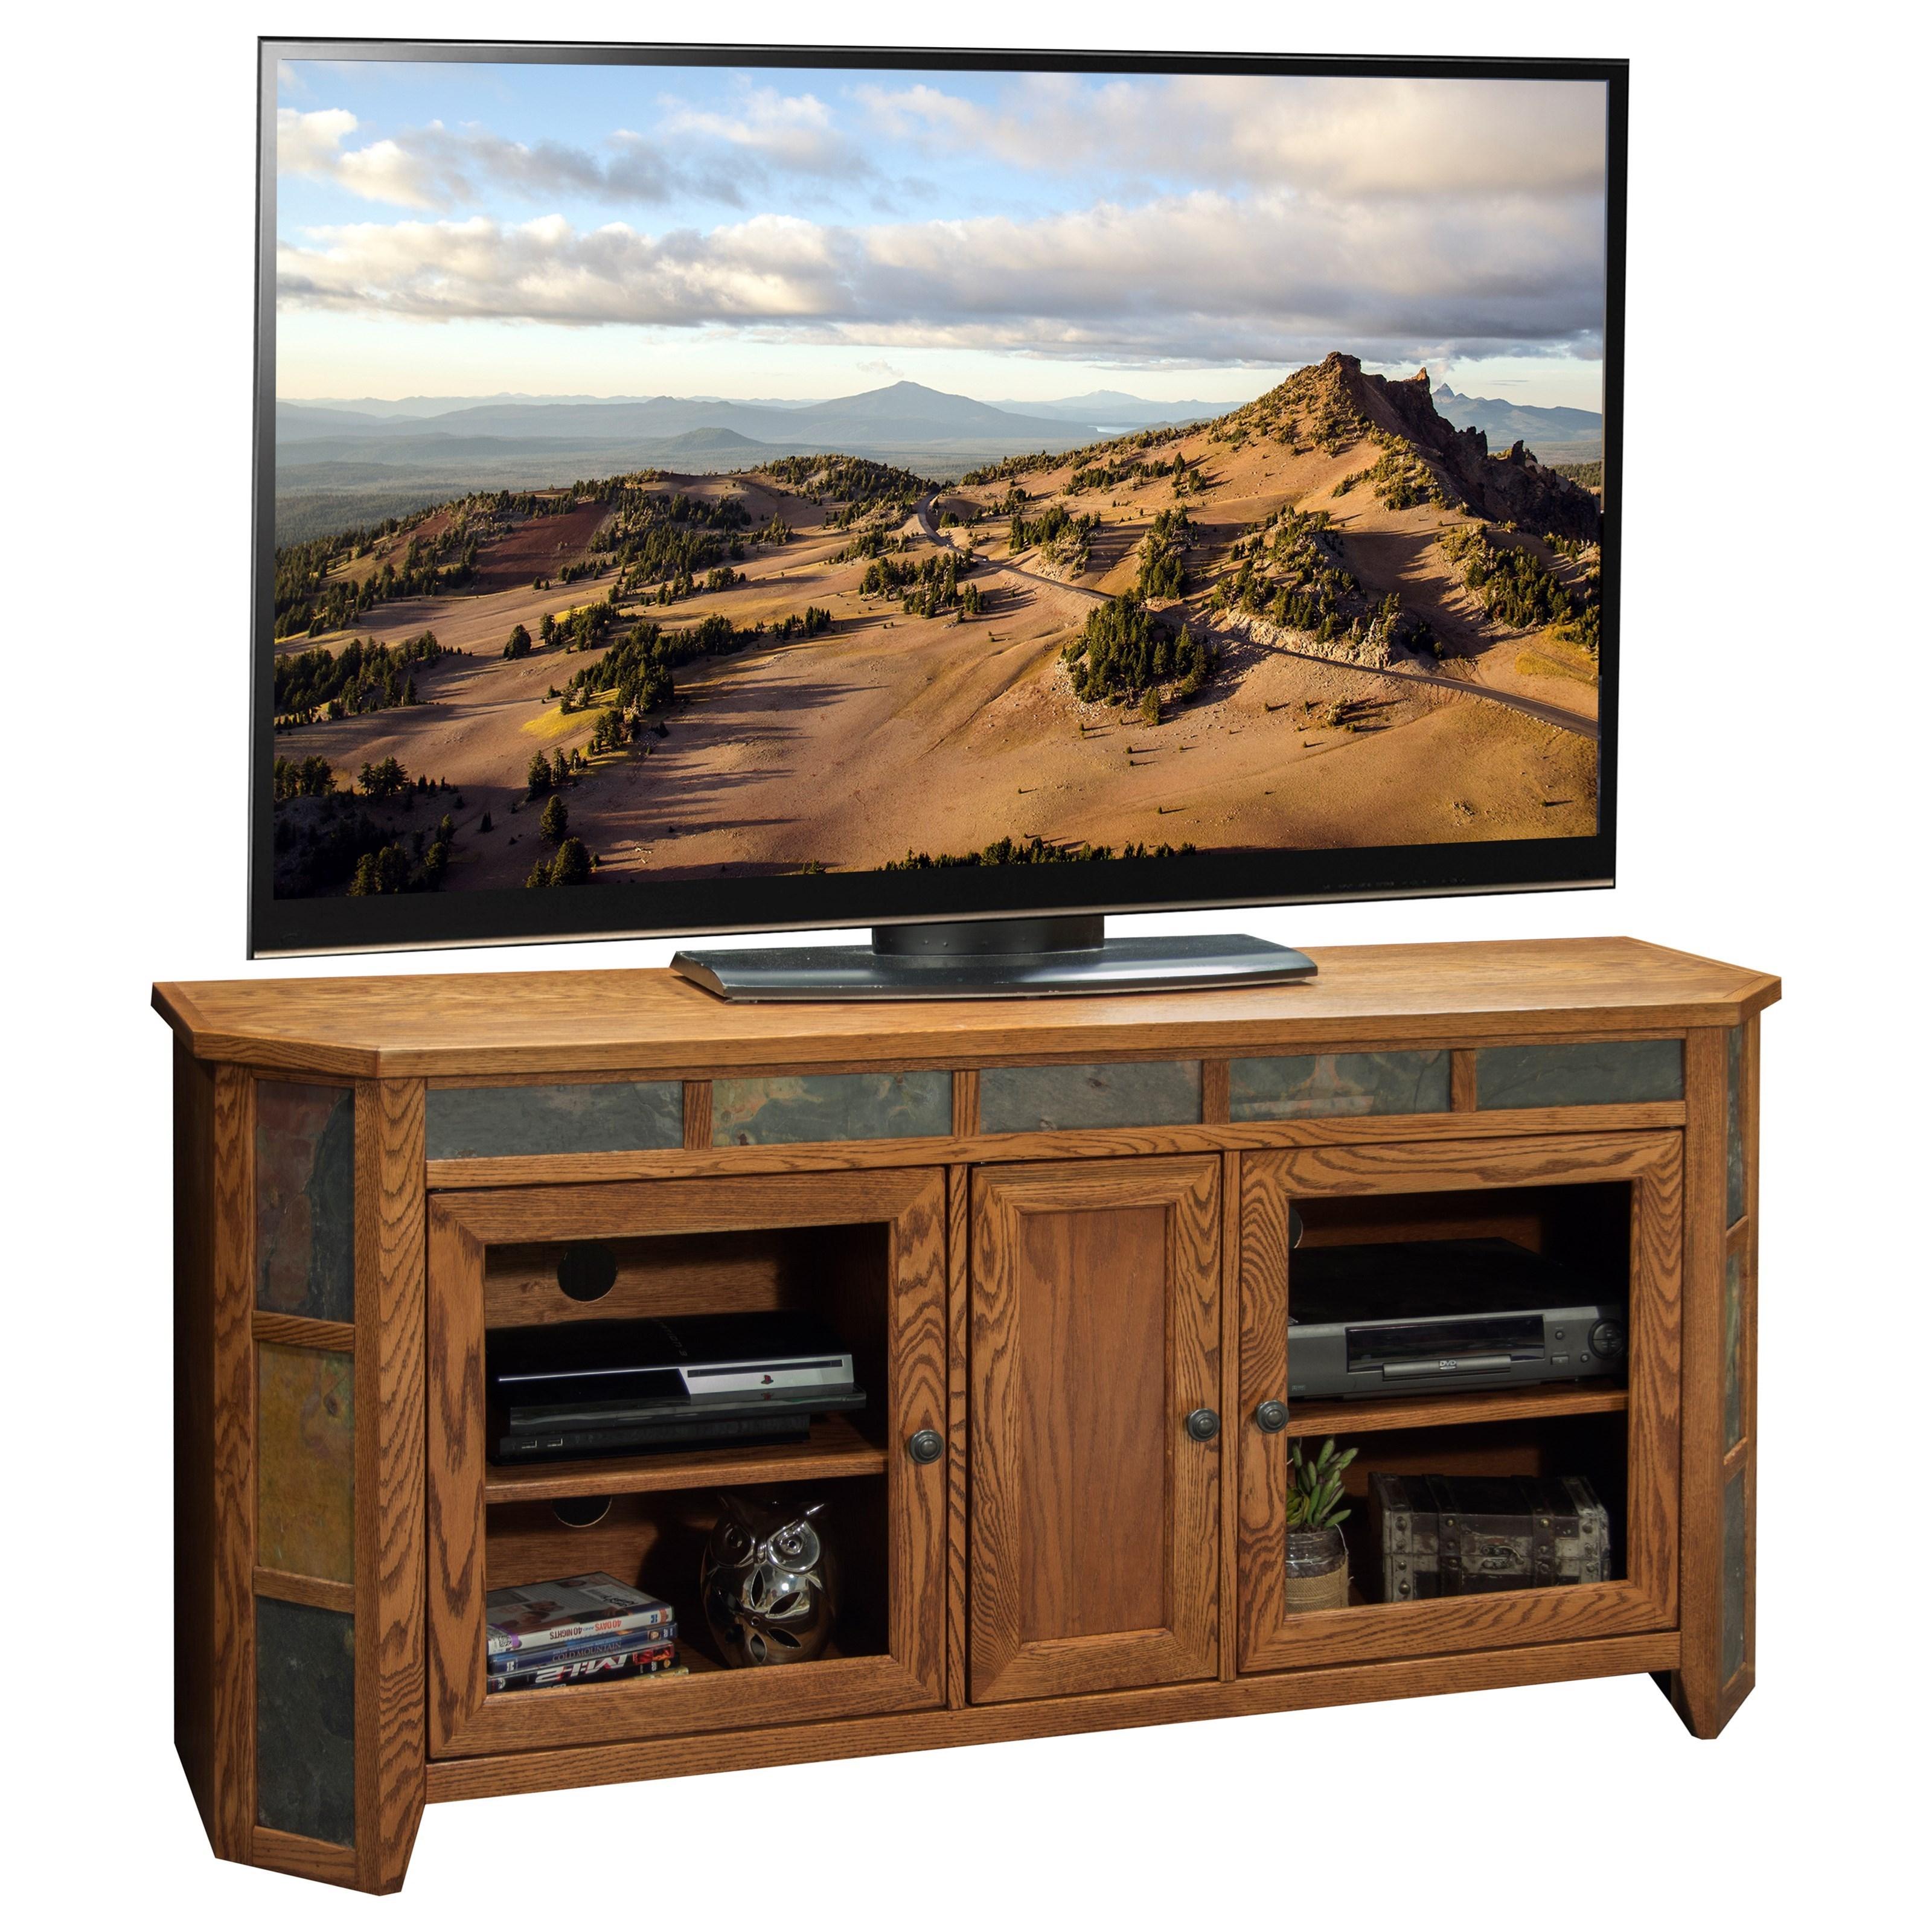 """Oak Creek 62"""" Angled TV Cart by Legends Furniture at EFO Furniture Outlet"""